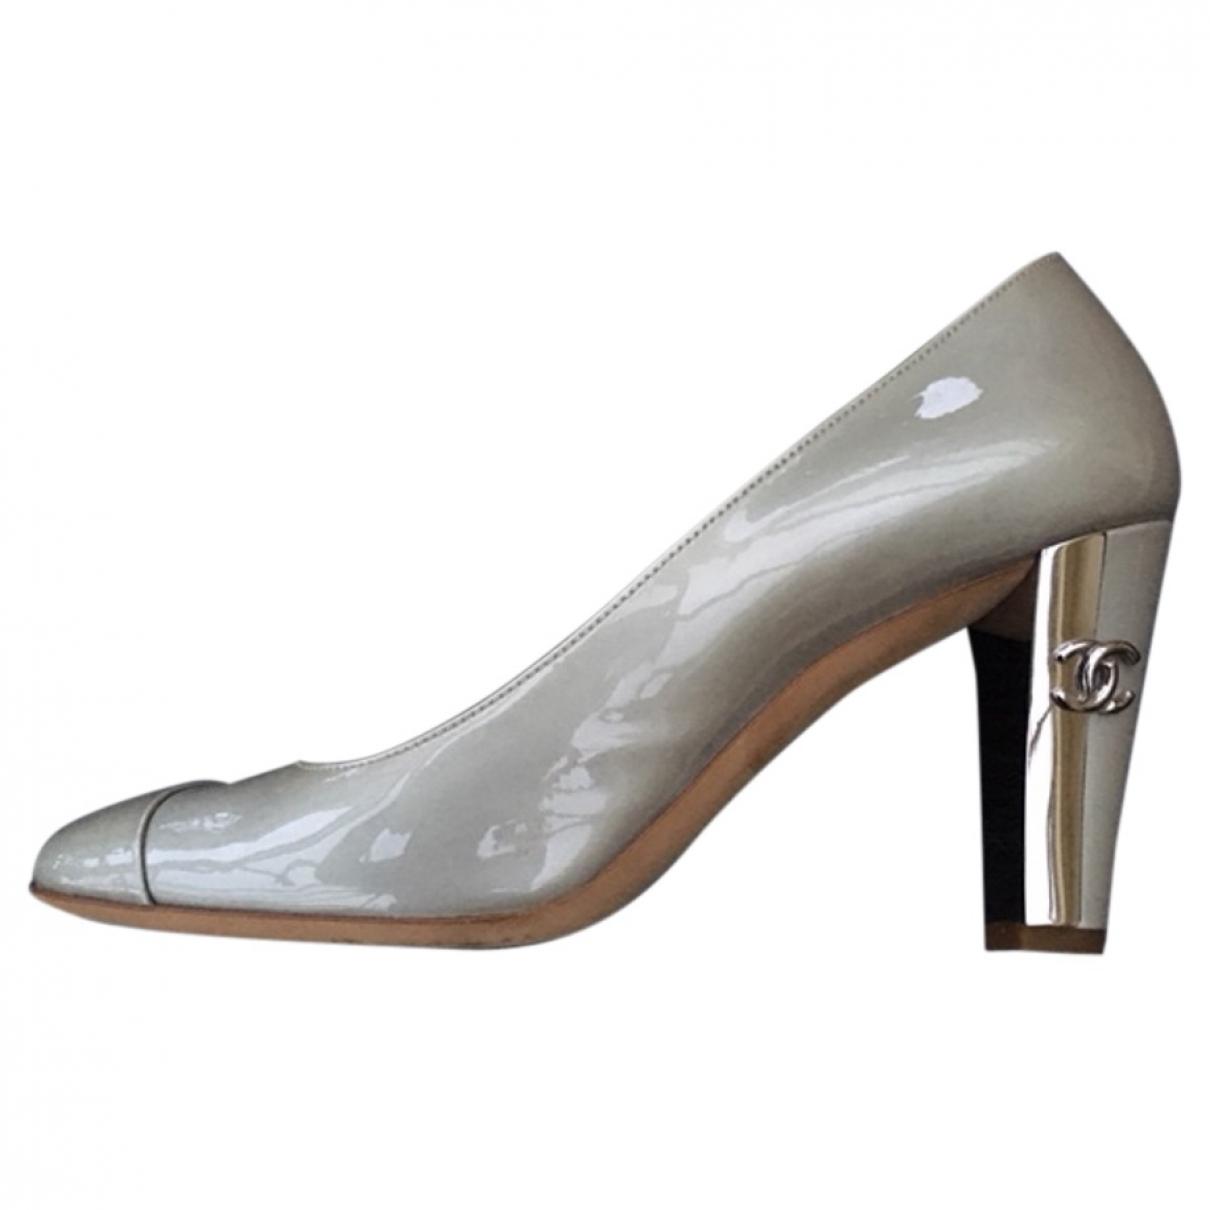 Chanel \N Pumps in  Silber Lackleder